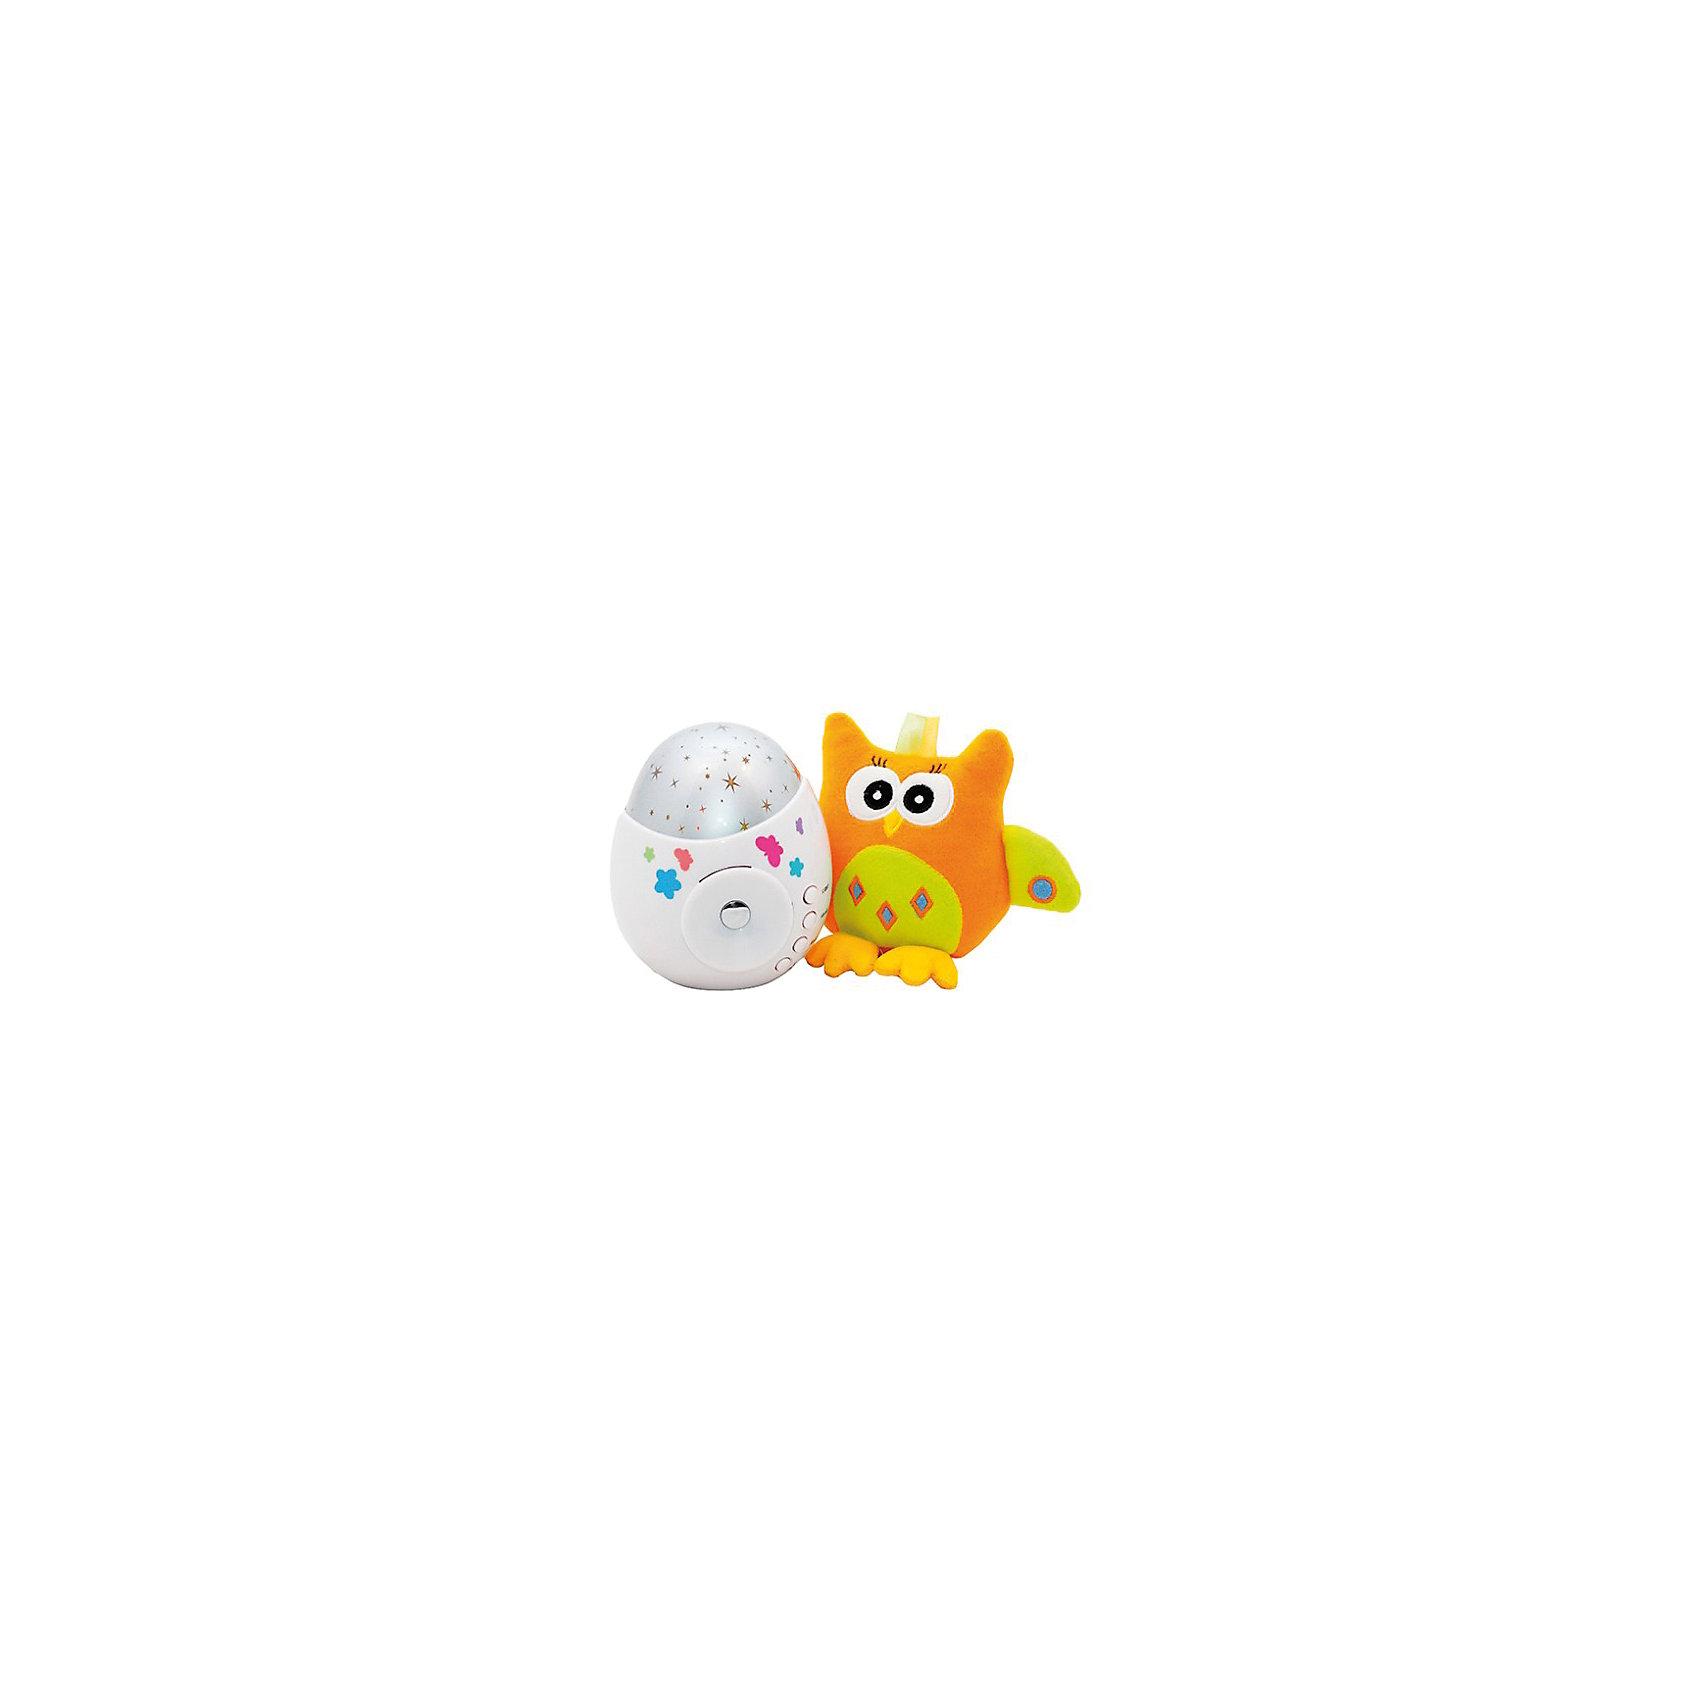 Проектор звездного неба Colibri с игрушкой сова, Roxy-KidsИдеи подарков<br>Проектор звездного неба Colibri с игрушкой сова Roxy-Kids.<br>Описание проектор:<br>- проекция звездного неба;<br>- функция попеременно меняющейся проекции.<br>- музыка (различные успокаивающие мелодии);<br>- провод и возможность подключения внешнего источника звука.<br>Дополнительная информация:<br>- материал игрушки – плюш;<br>- материал проектора -  прочный ABS пластик. <br>Проектор работа от батареек тип АА.<br>Проектор звездного неба Colibri с игрушкой сова Roxy-Kids можно купить в нашем интернет-магазине.<br><br>Ширина мм: 120<br>Глубина мм: 120<br>Высота мм: 120<br>Вес г: 350<br>Возраст от месяцев: 0<br>Возраст до месяцев: 84<br>Пол: Унисекс<br>Возраст: Детский<br>SKU: 3406183